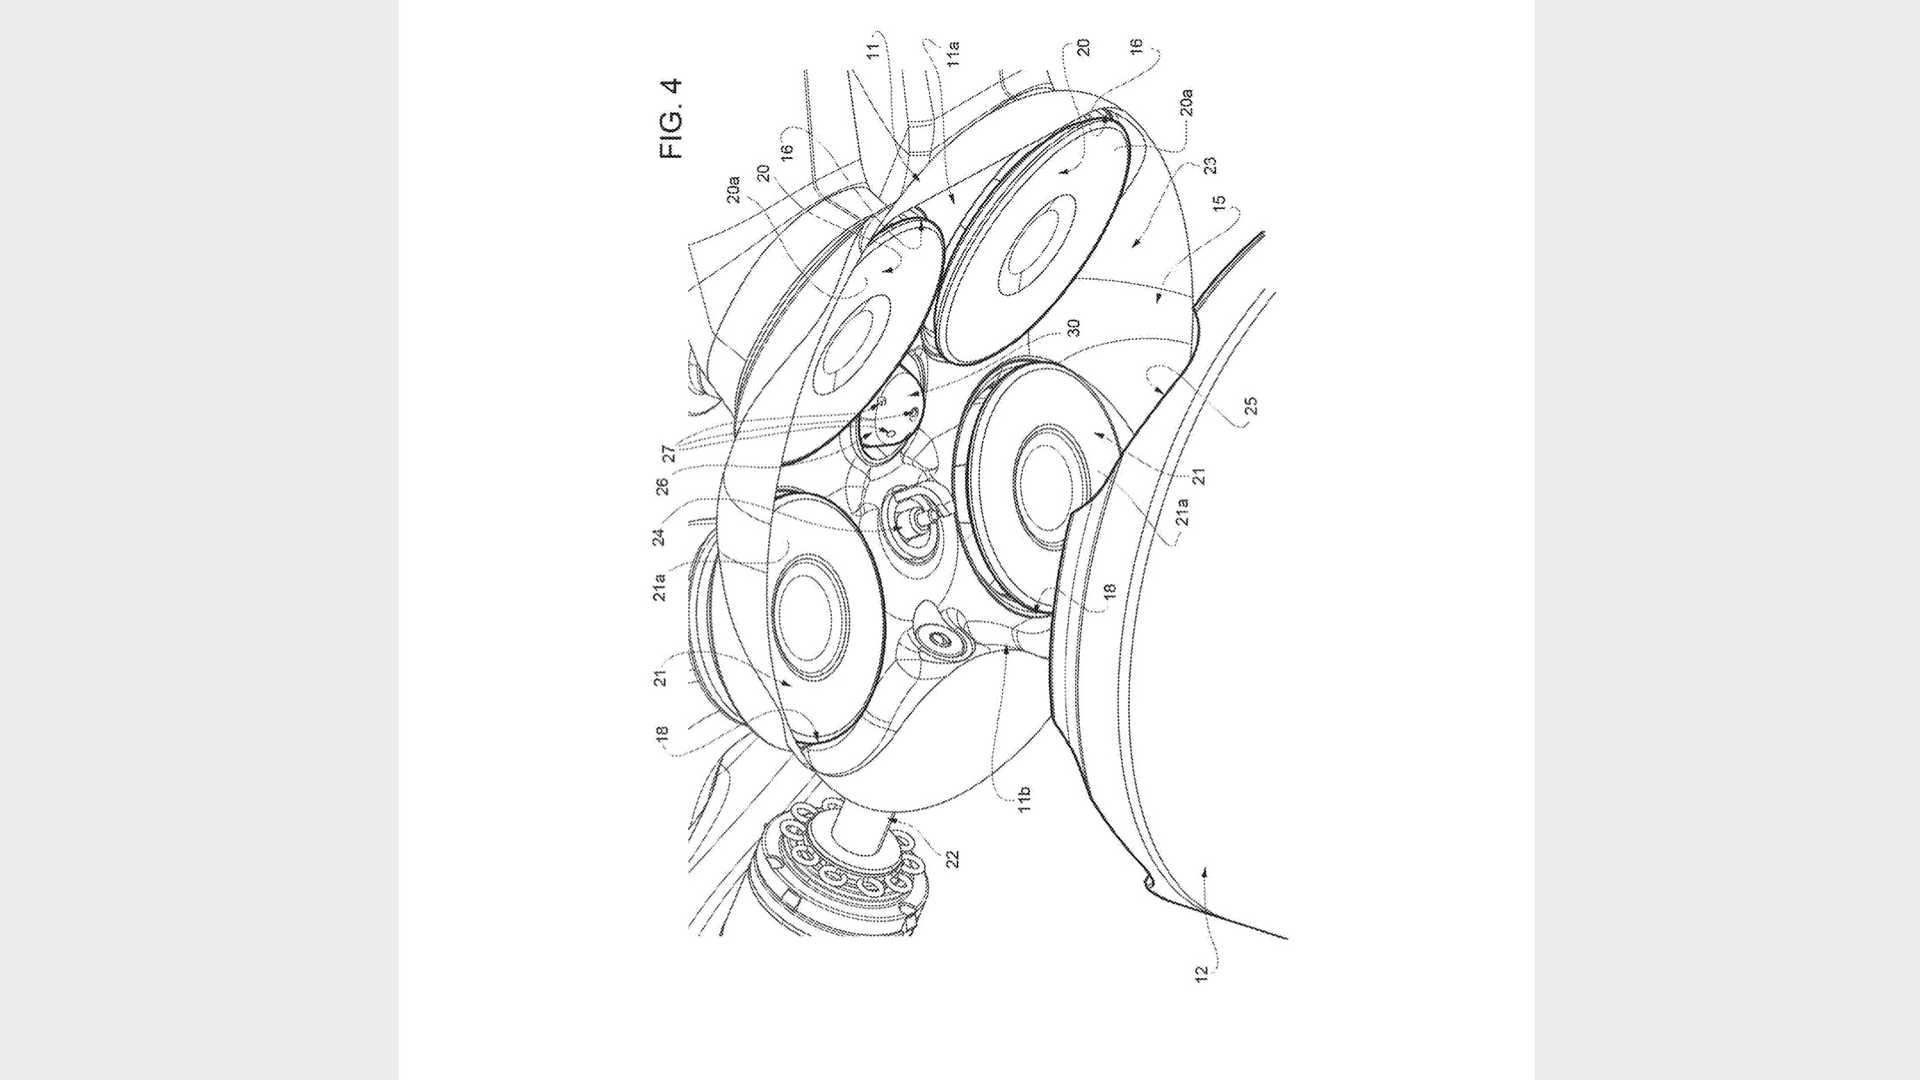 Ferrari-V12-engine-patent-4